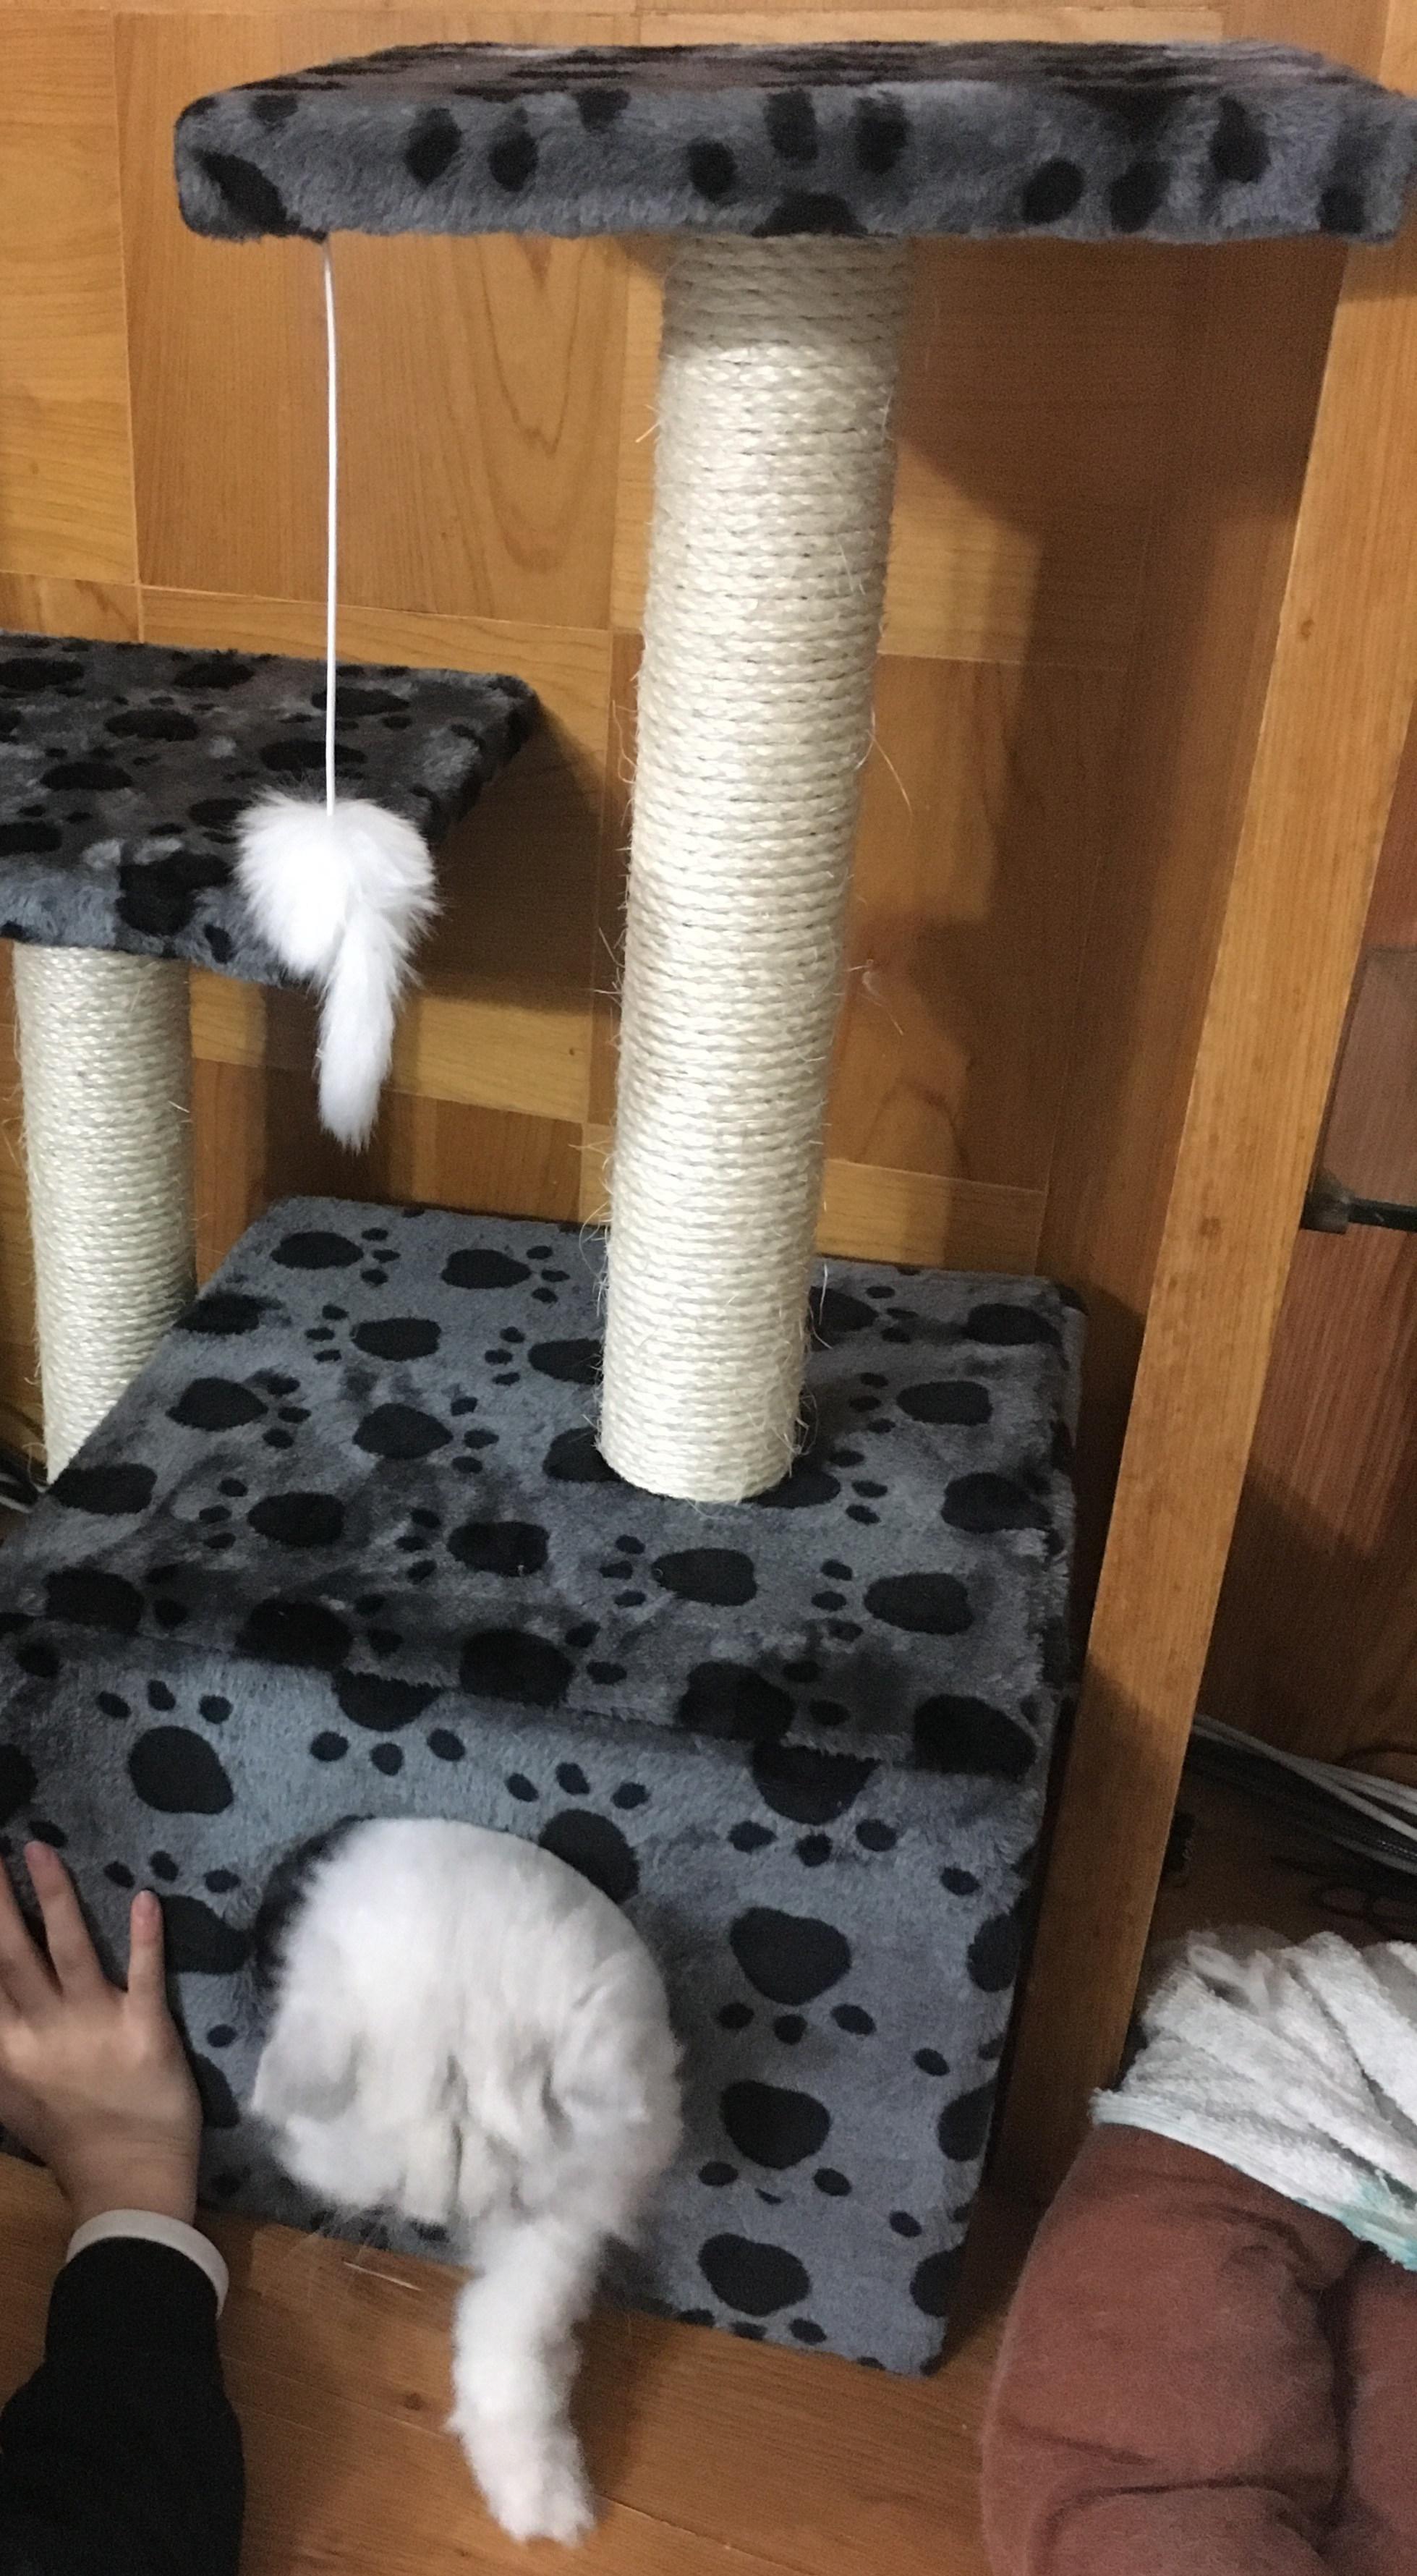 貓咪爬出貓跳板